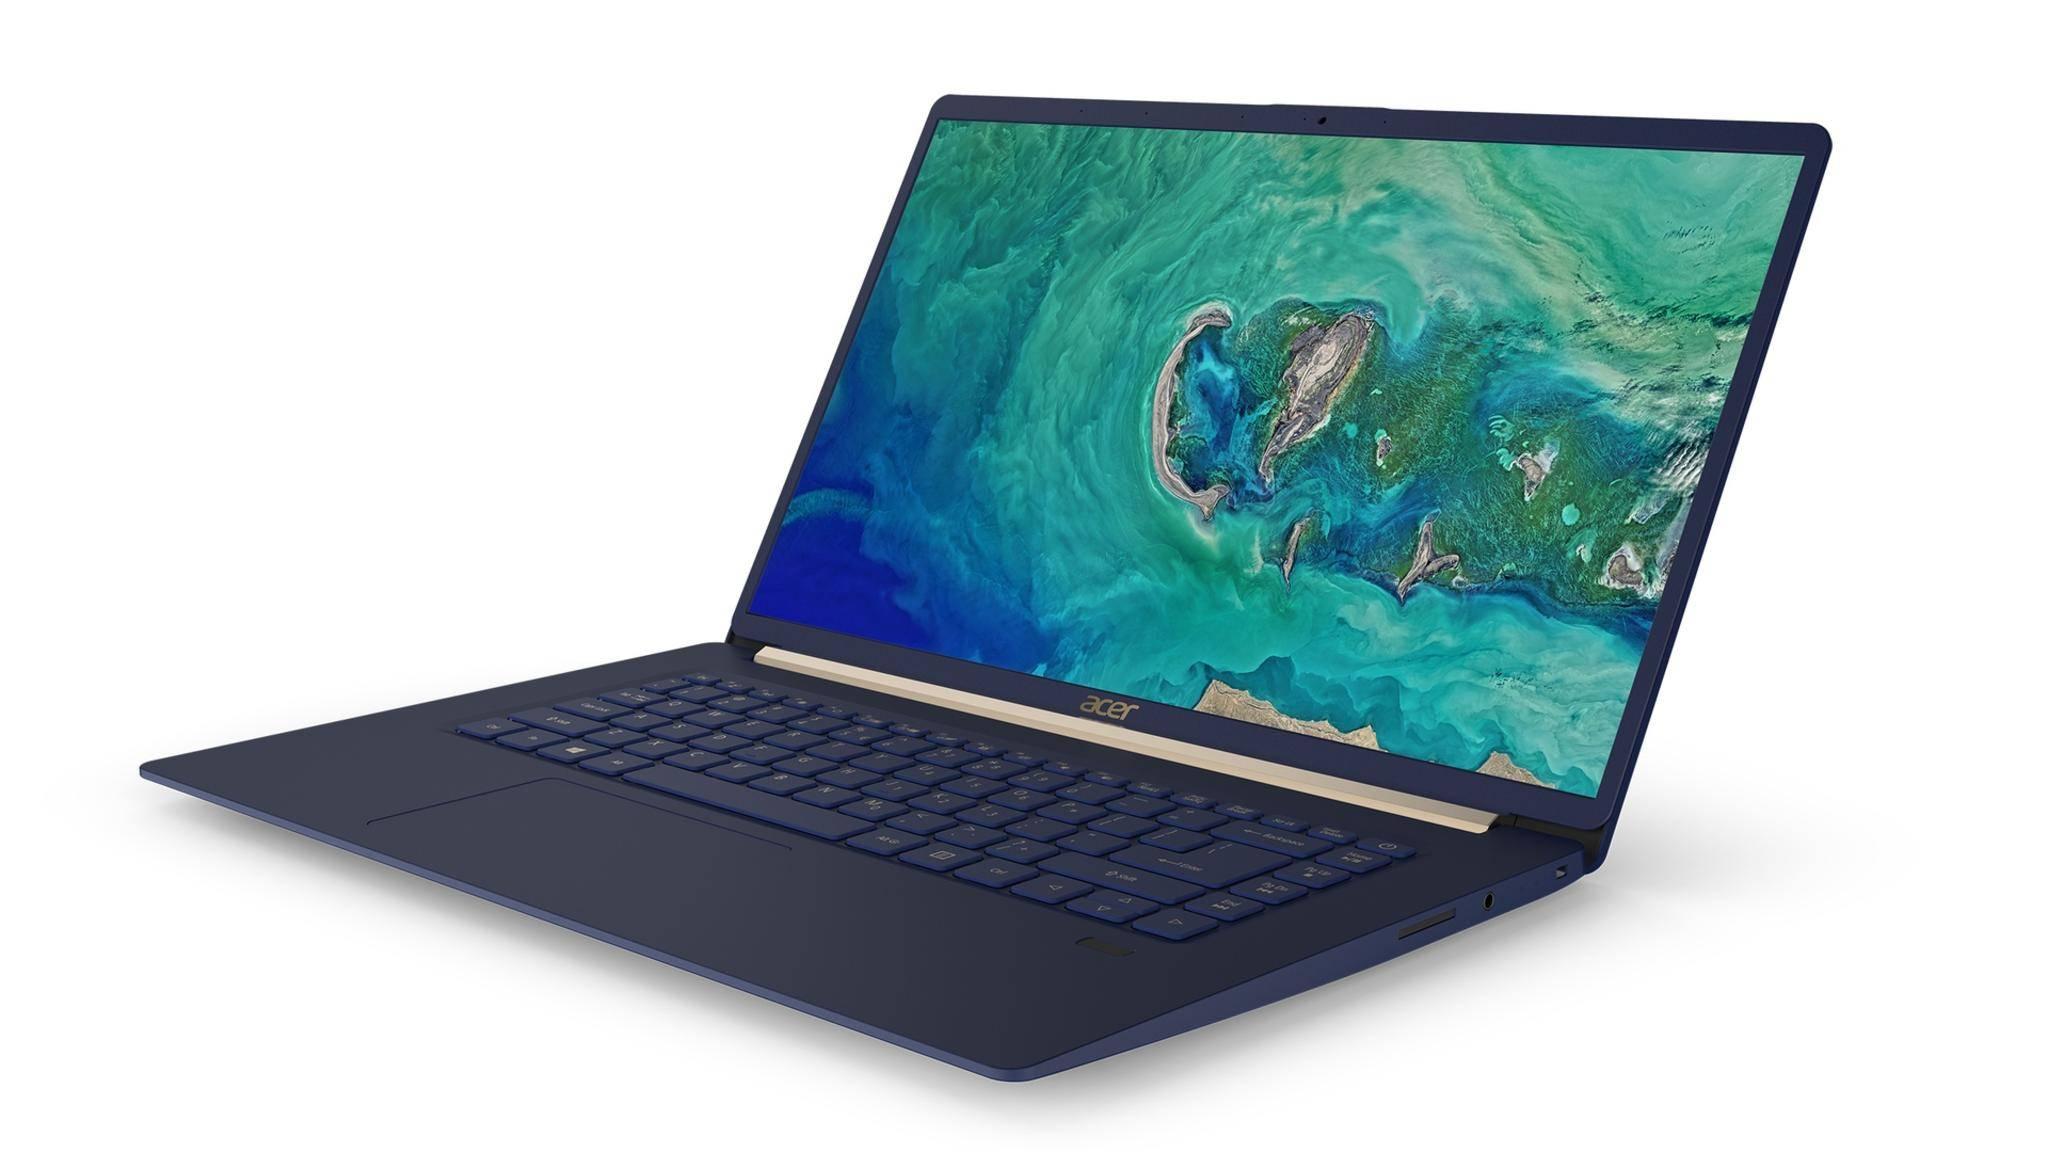 Das Acer Swift 5 hat einen sehr dünnen Displayrahmen.